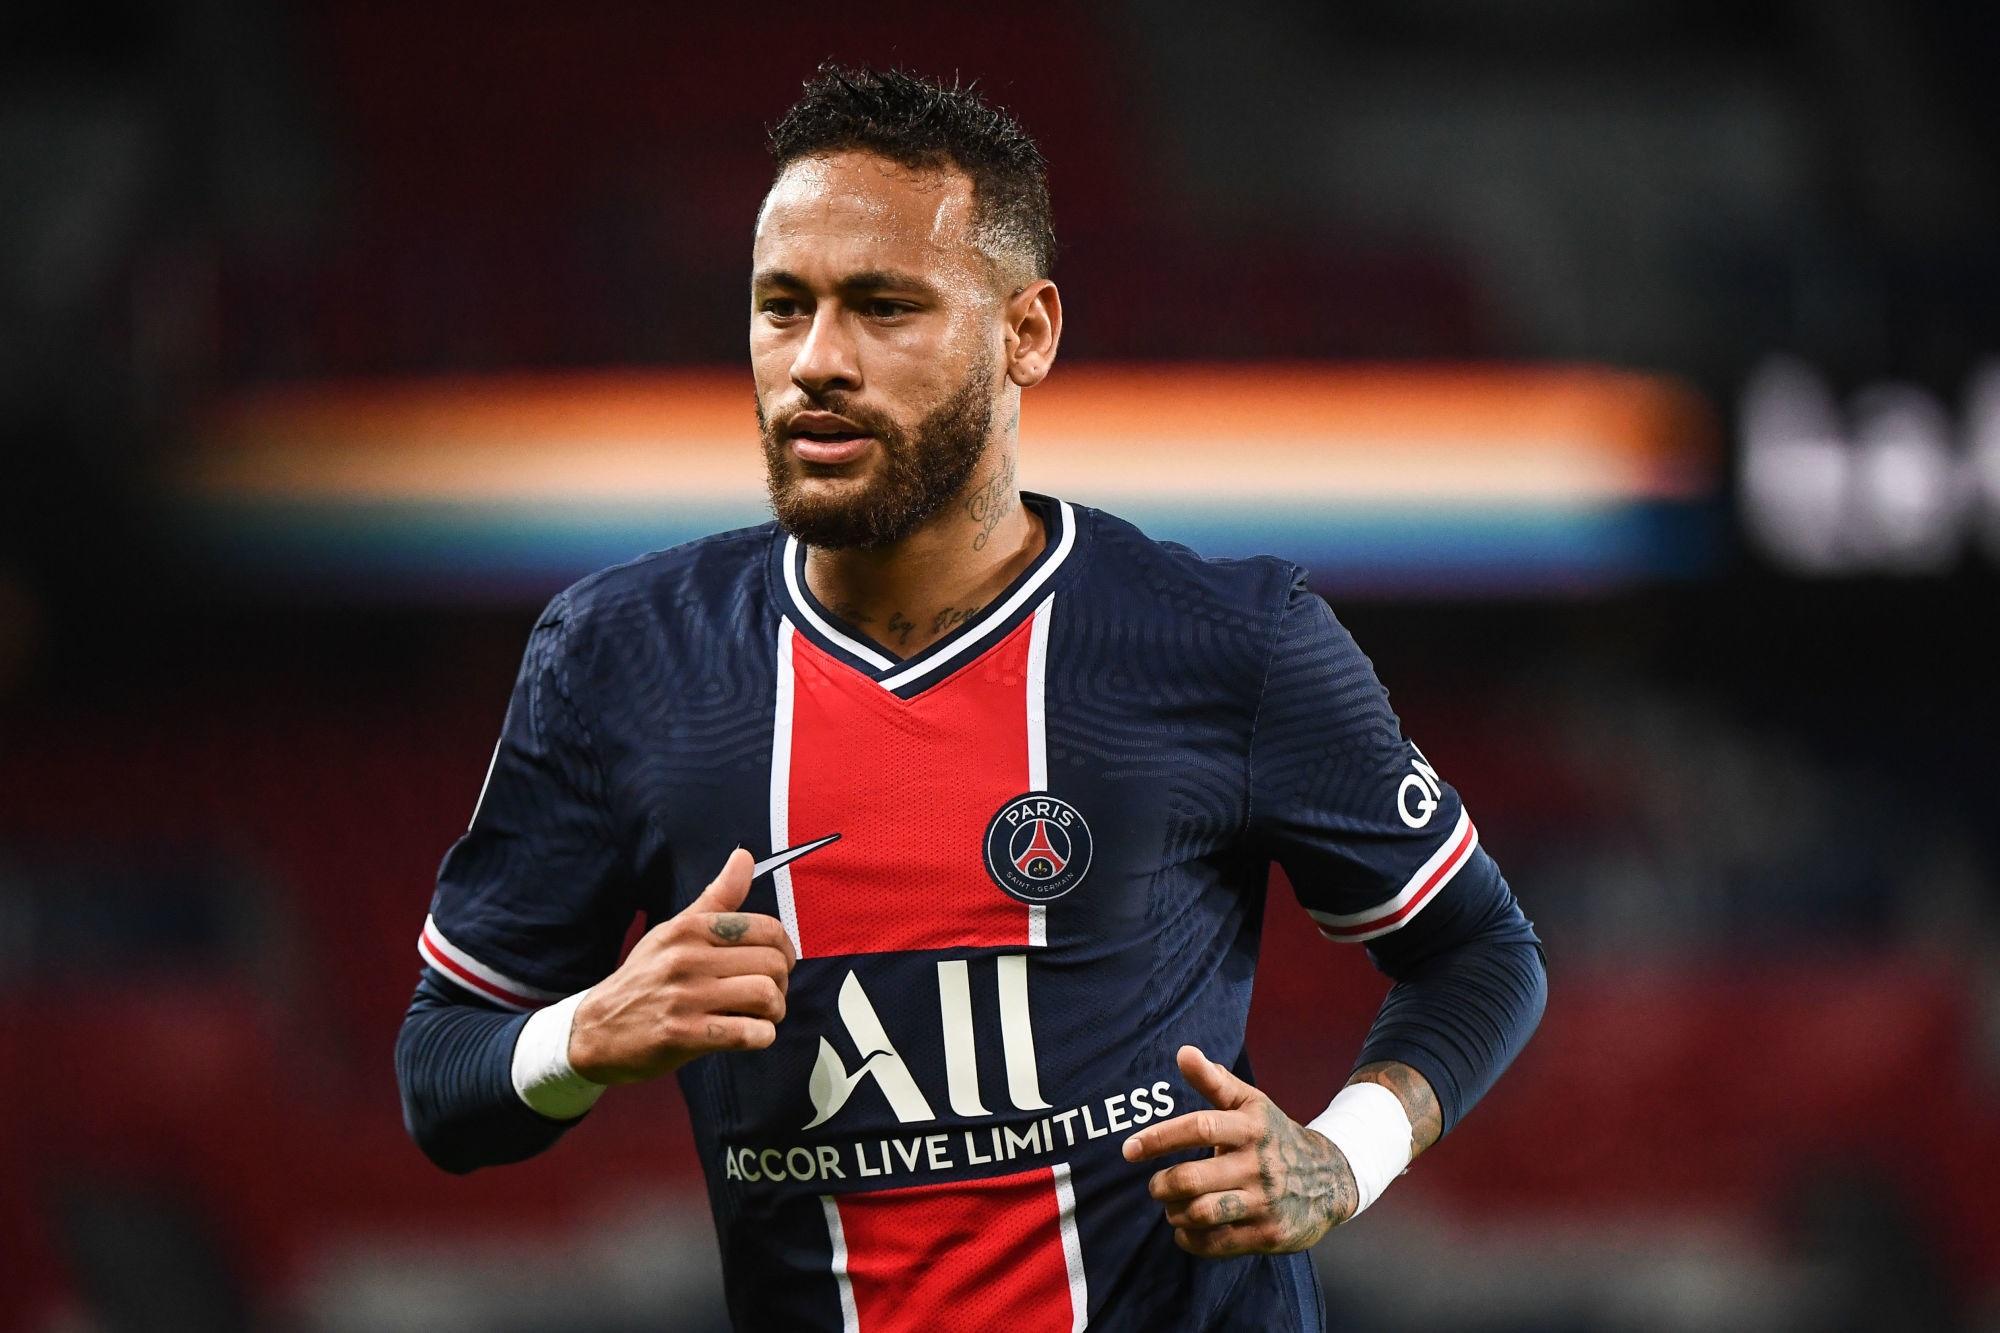 """Neymar se confie """"j'ai eu des moments dans lesquels j'ai eu envie d'arrêter de jouer"""""""